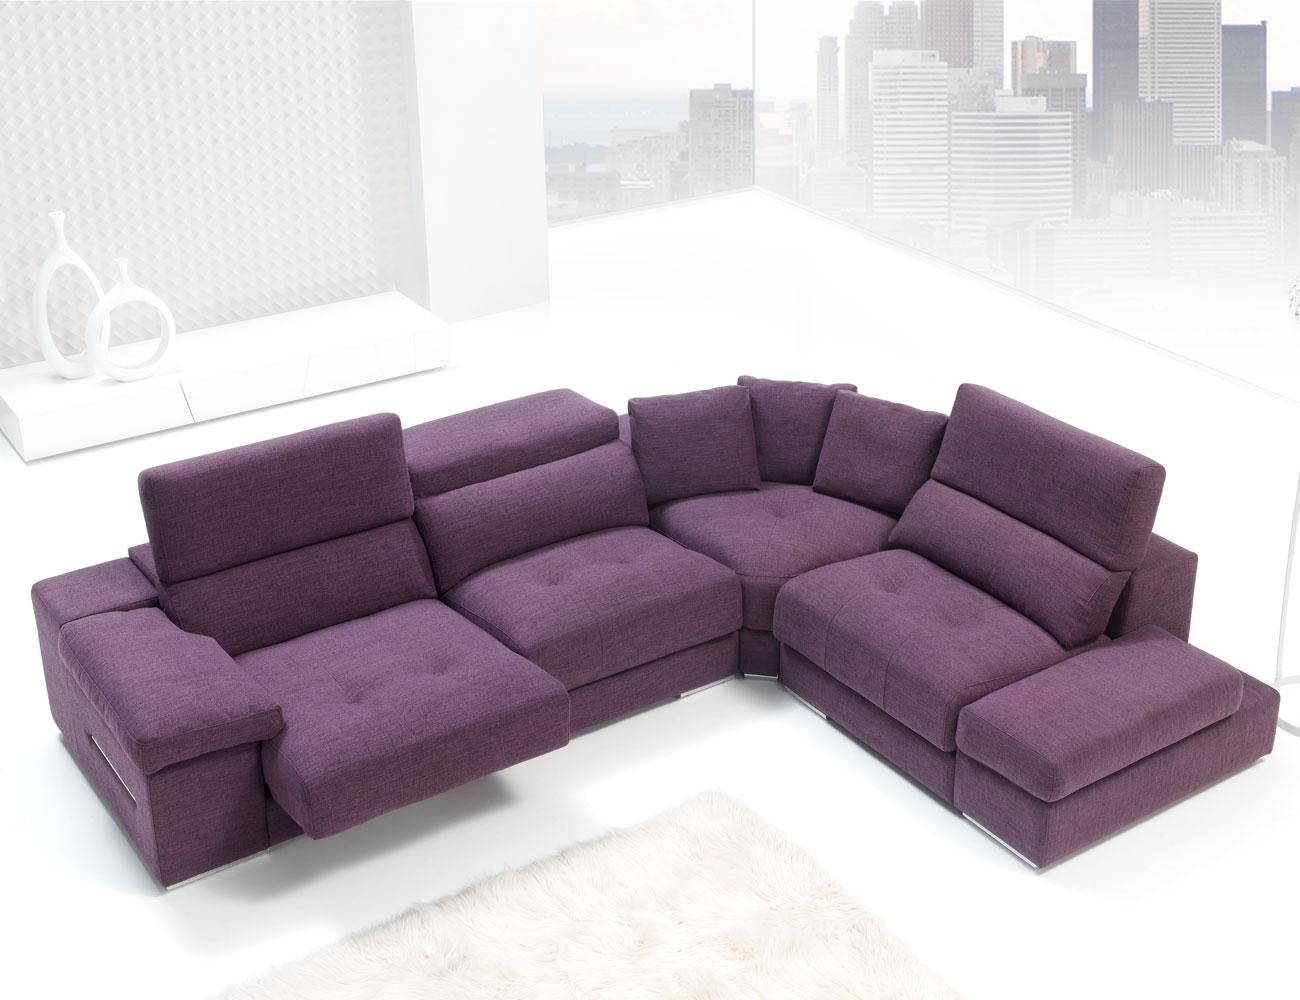 Sofa chaiselongue rincon con brazo mecanico tejido anti manchas 226